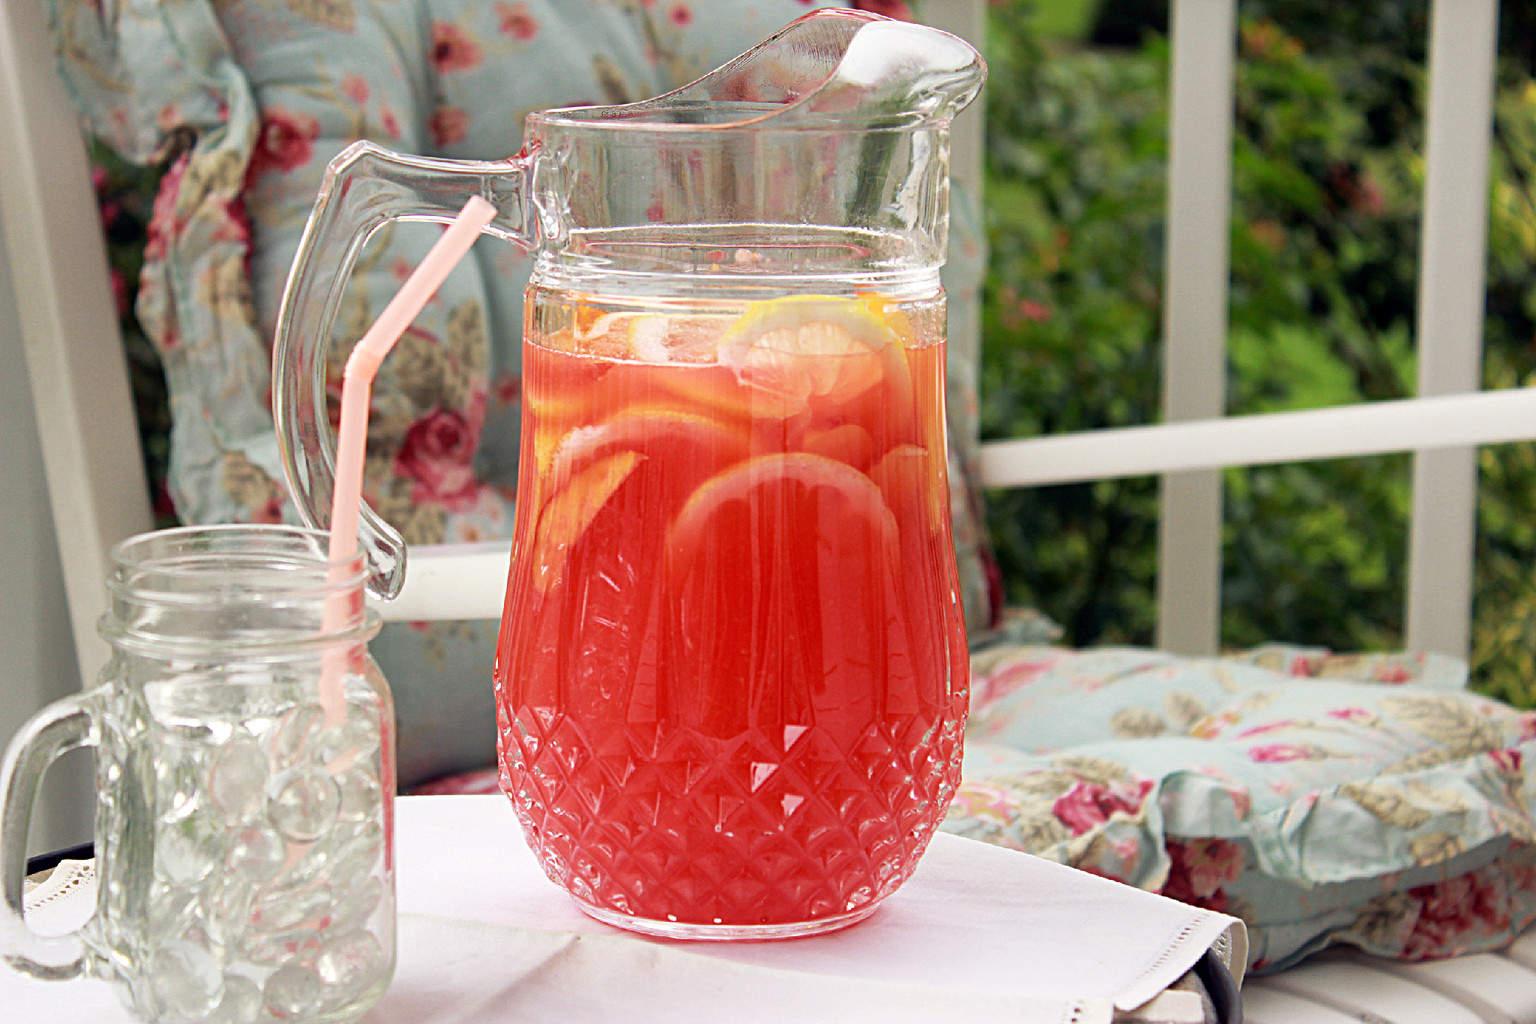 Rosemary Peach Lemonade